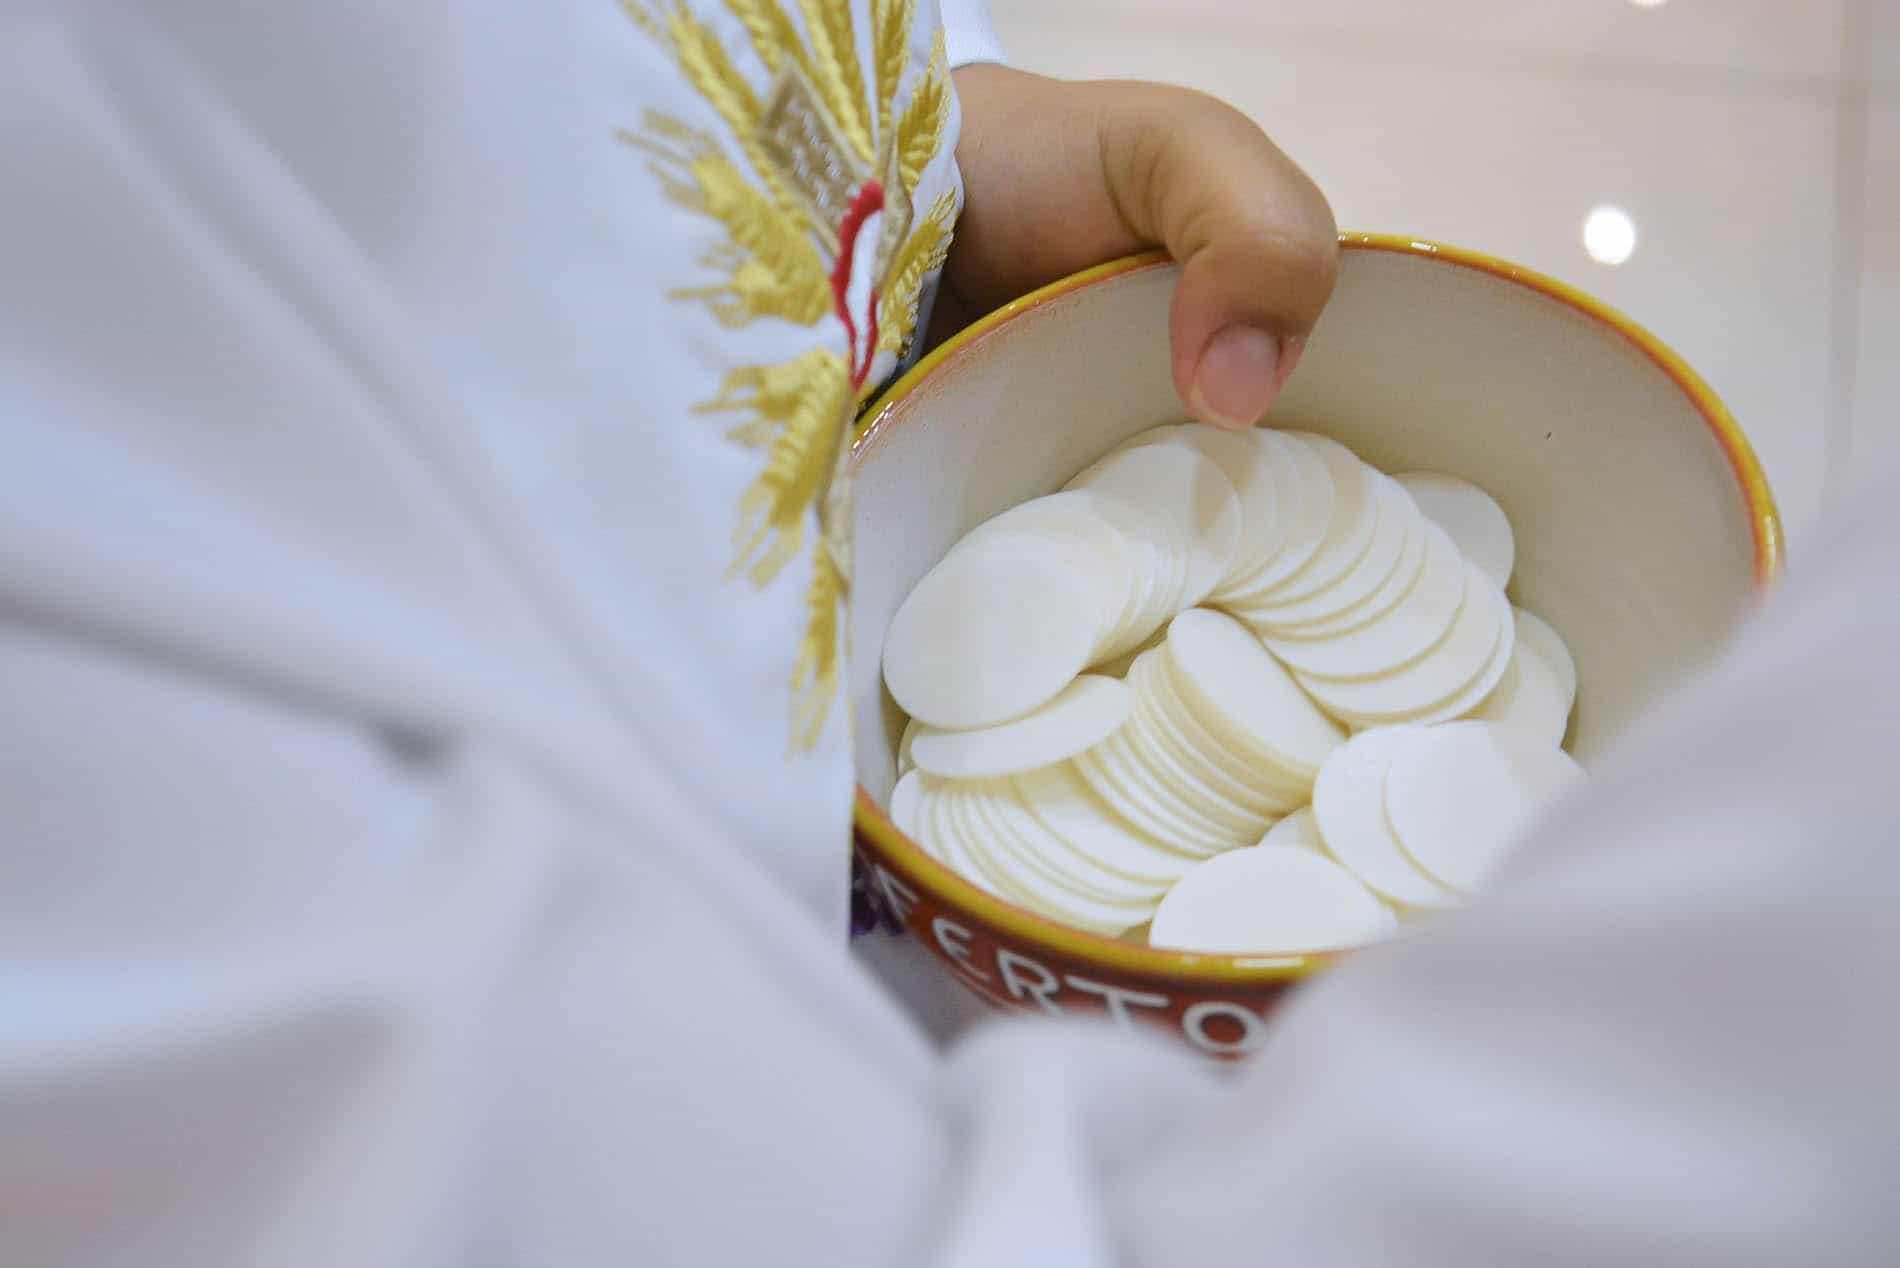 eucharistie-1e-heilige-communie-jesus-christus-olv-ter-nood-heiloo